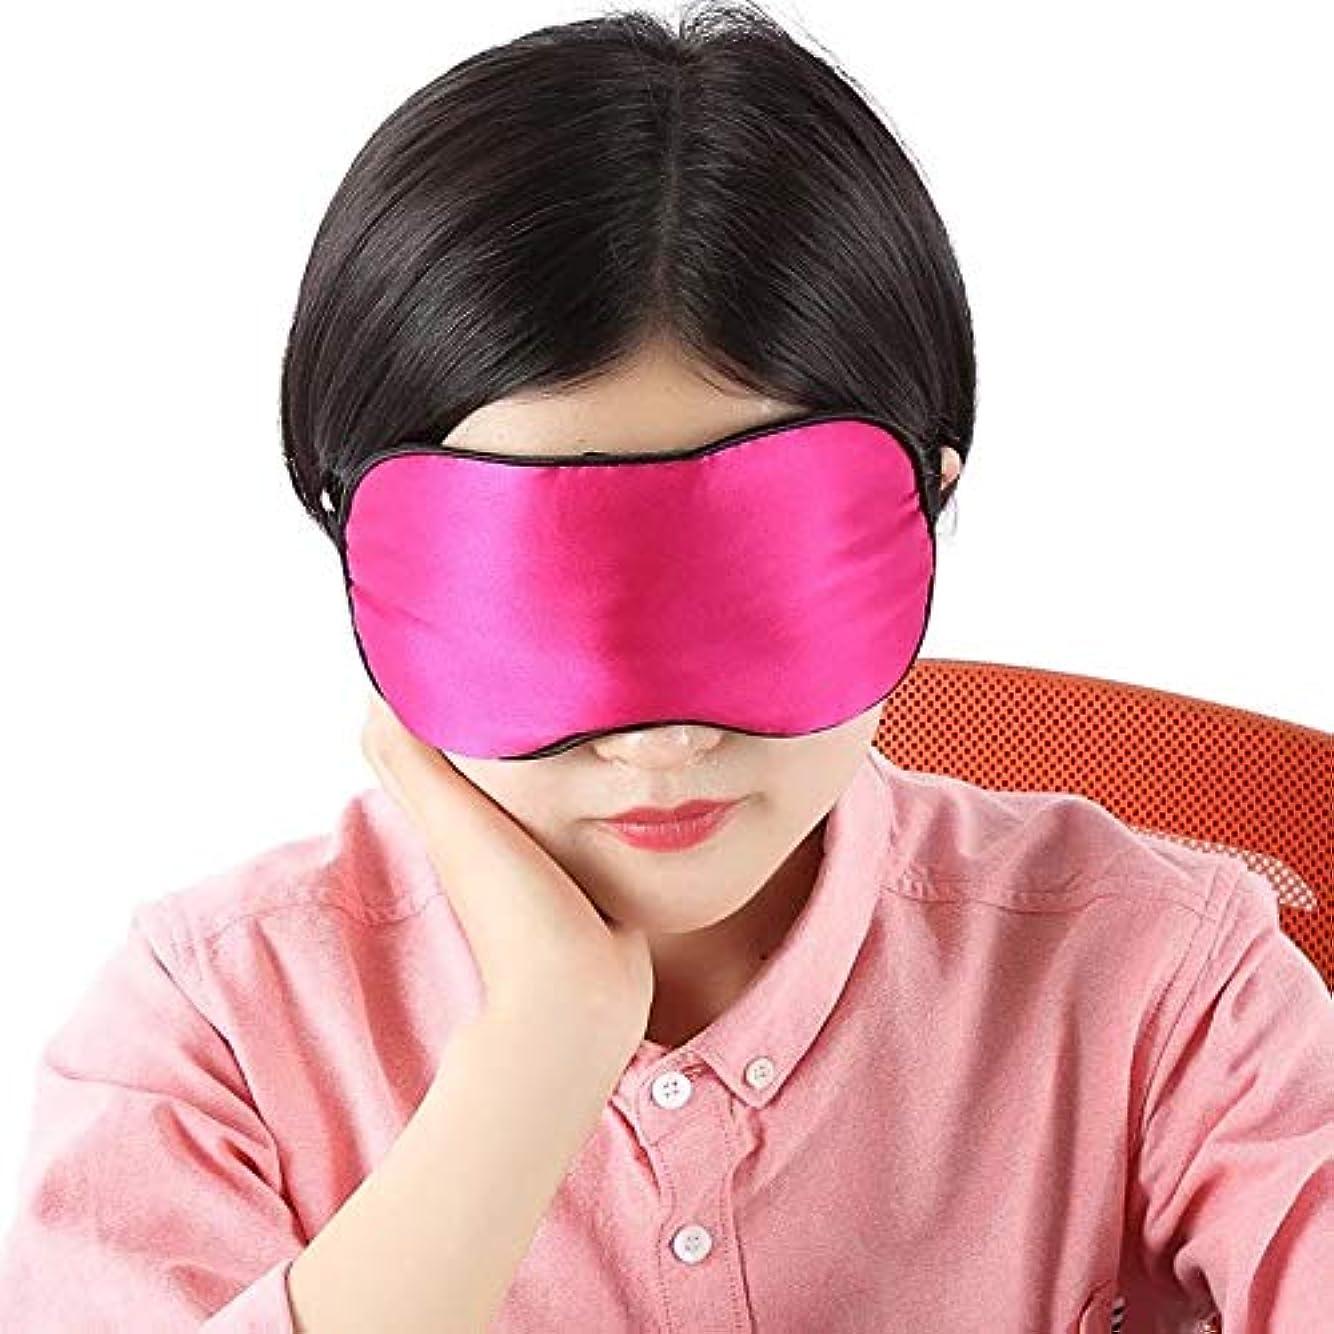 マスク憲法鏡NOTE 1ピース両面シルクホットまたはコールド圧縮リラックス疲労緩和アイシェードアイスリーピングマスク目隠しカバー用良い睡眠